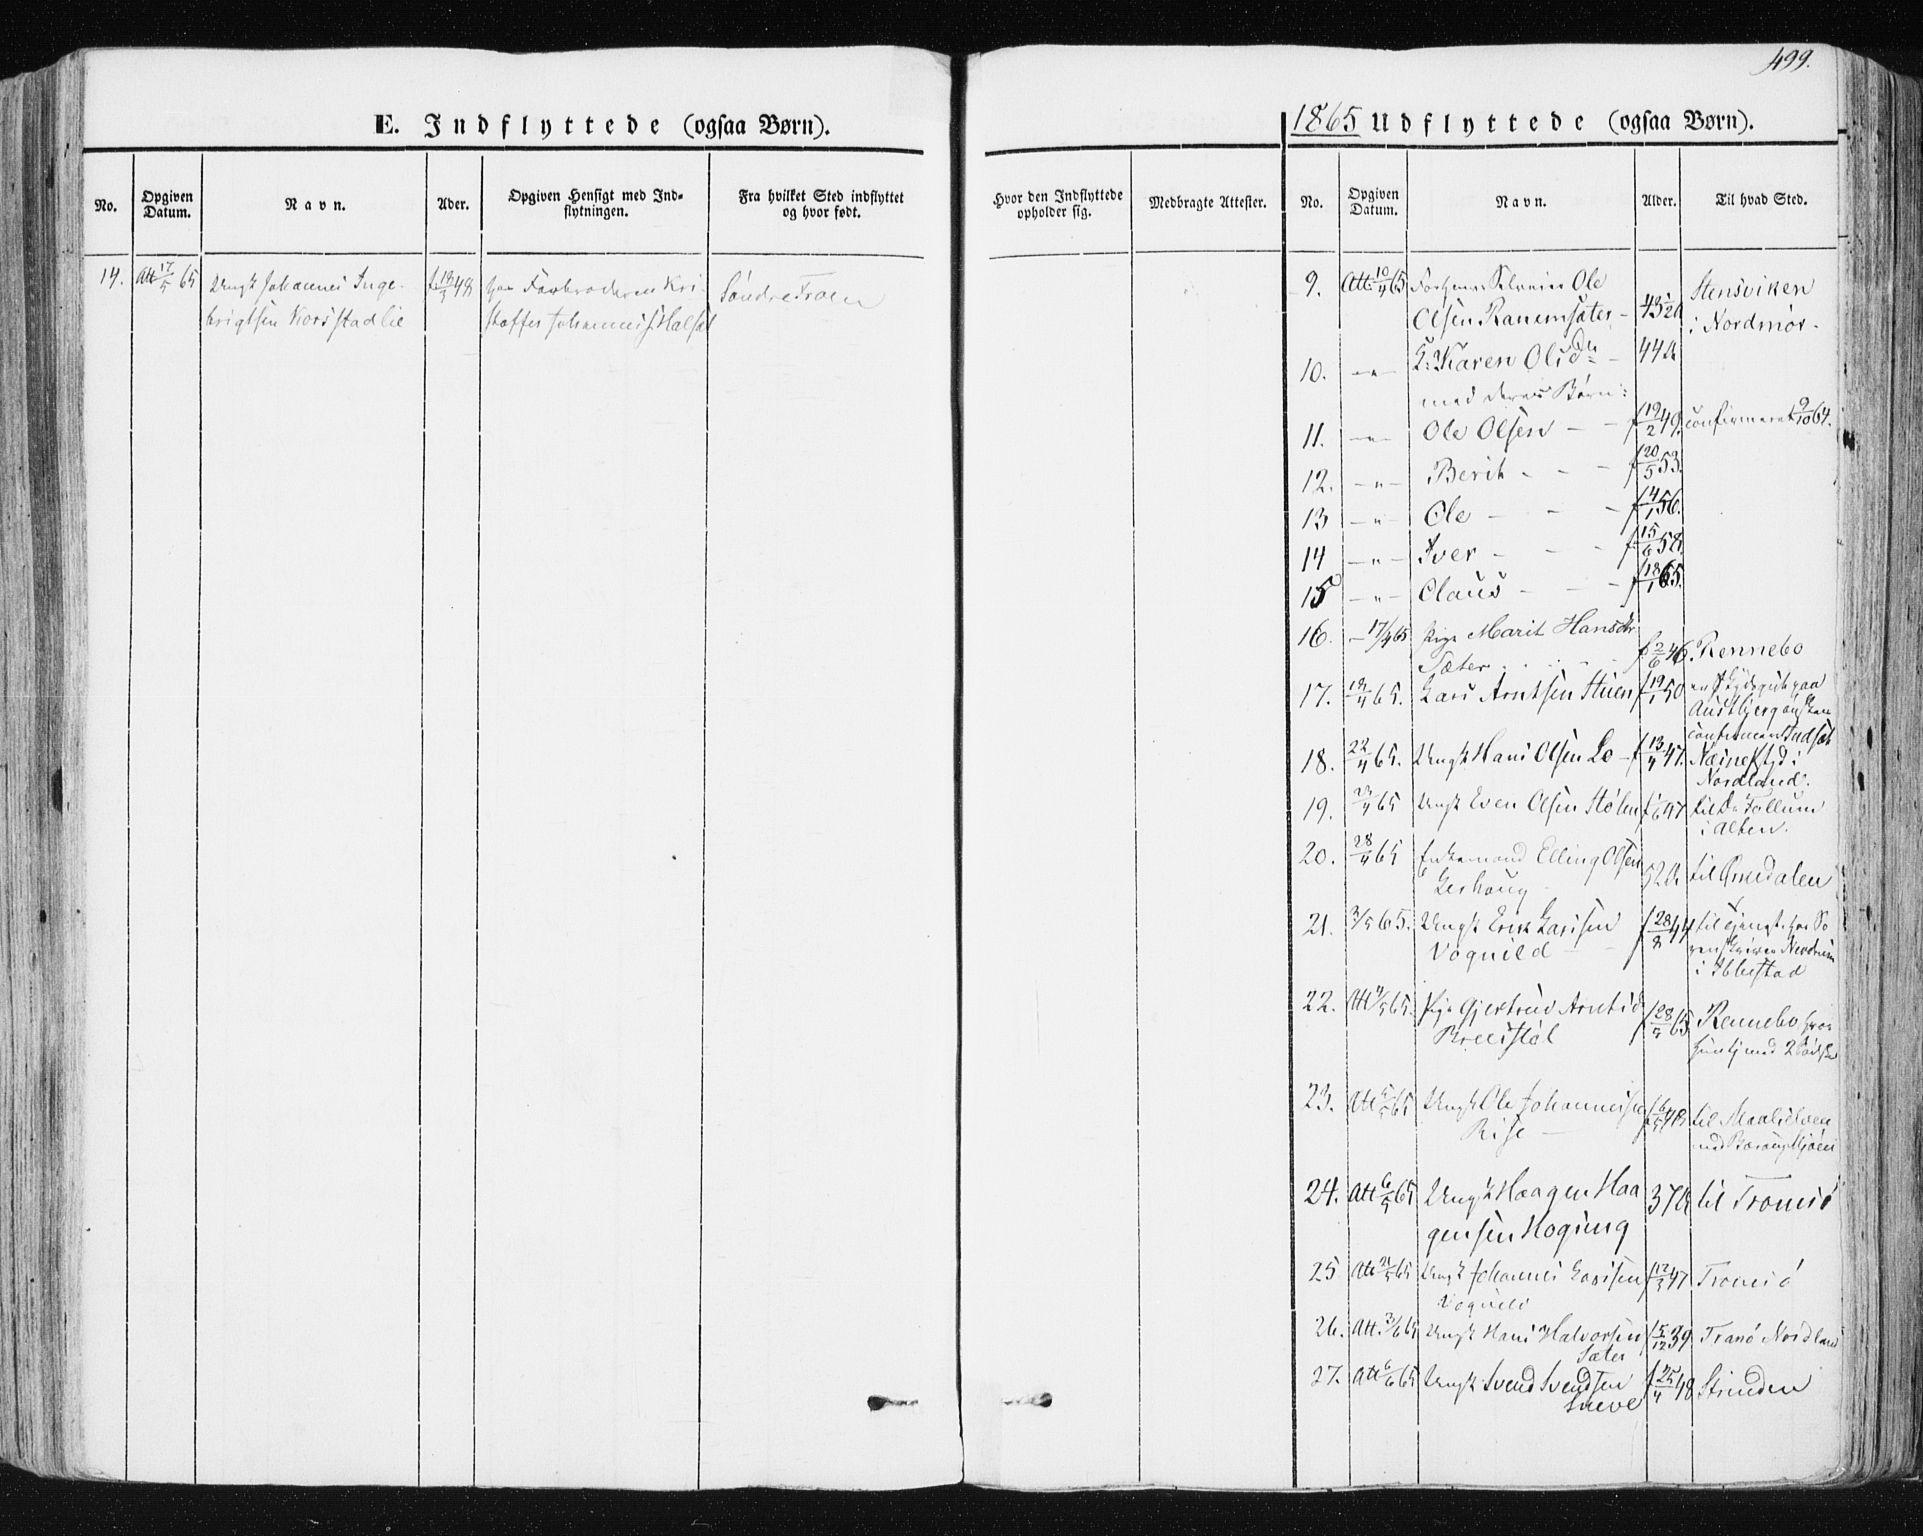 SAT, Ministerialprotokoller, klokkerbøker og fødselsregistre - Sør-Trøndelag, 678/L0899: Ministerialbok nr. 678A08, 1848-1872, s. 499